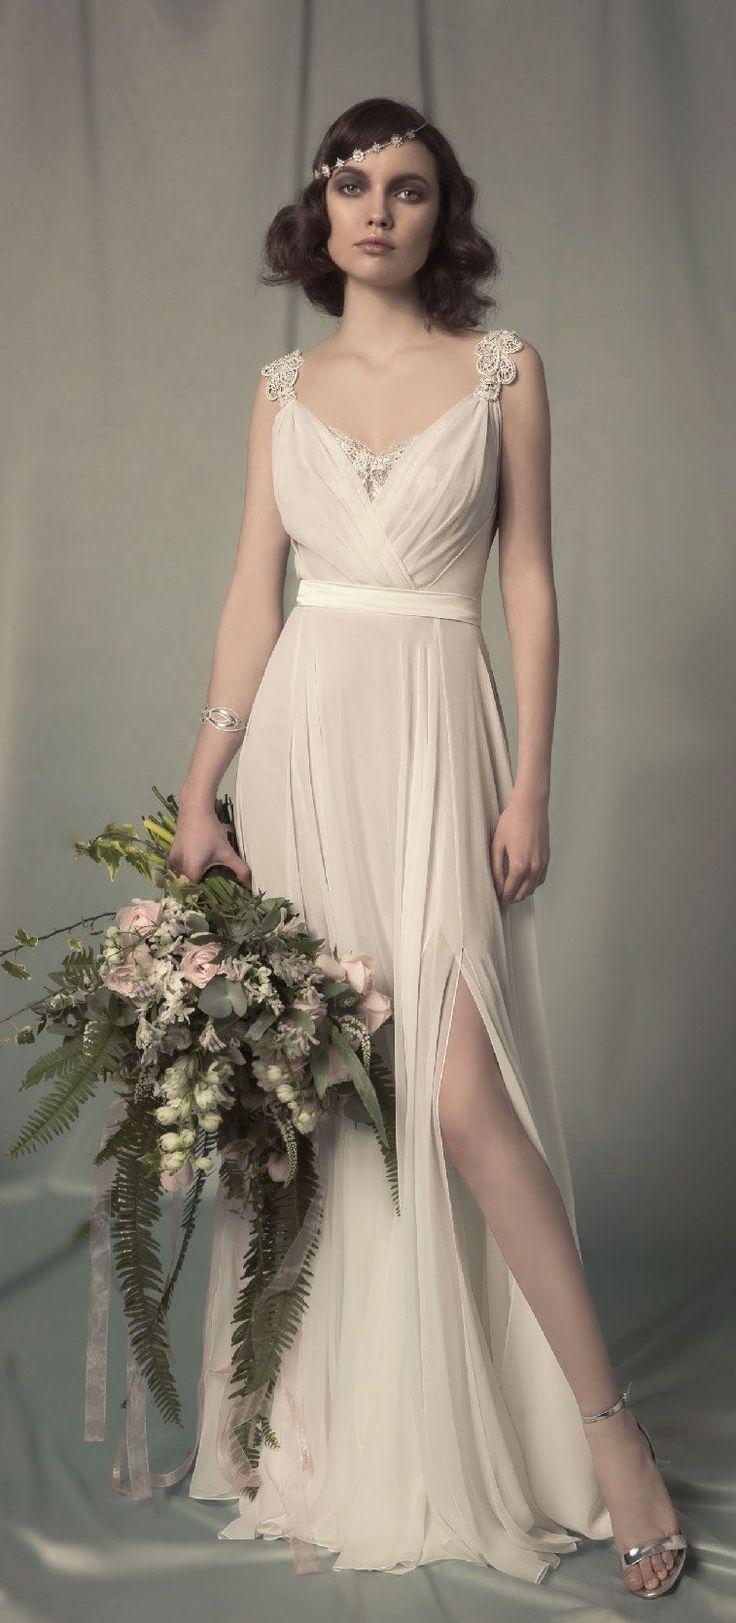 Vintage Style Brautkleider in 18  Altmodische hochzeitskleider